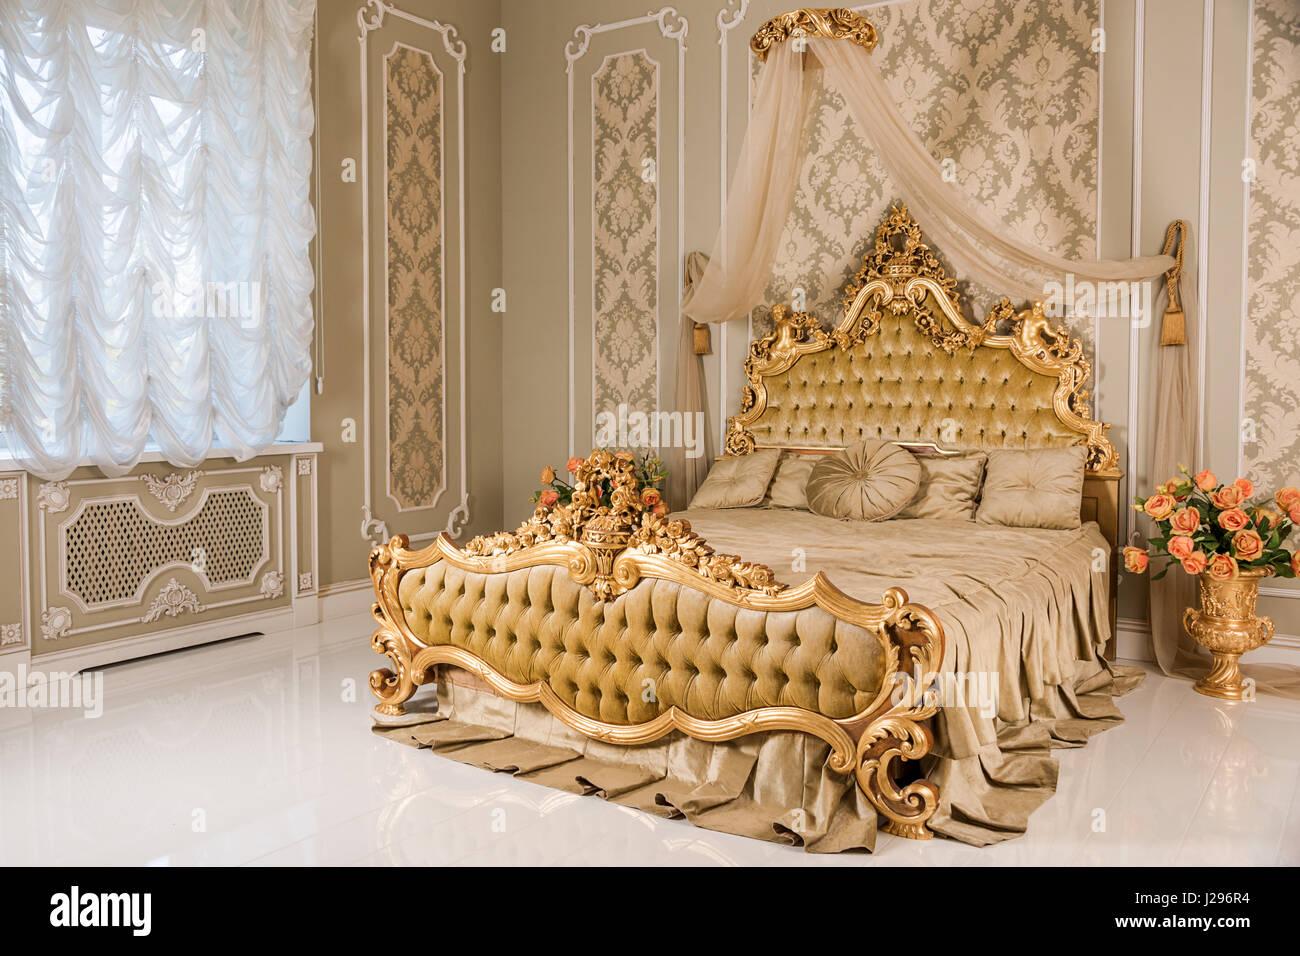 Luxus Schlafzimmer In Hellen Farben Mit Goldenen Mobel Details